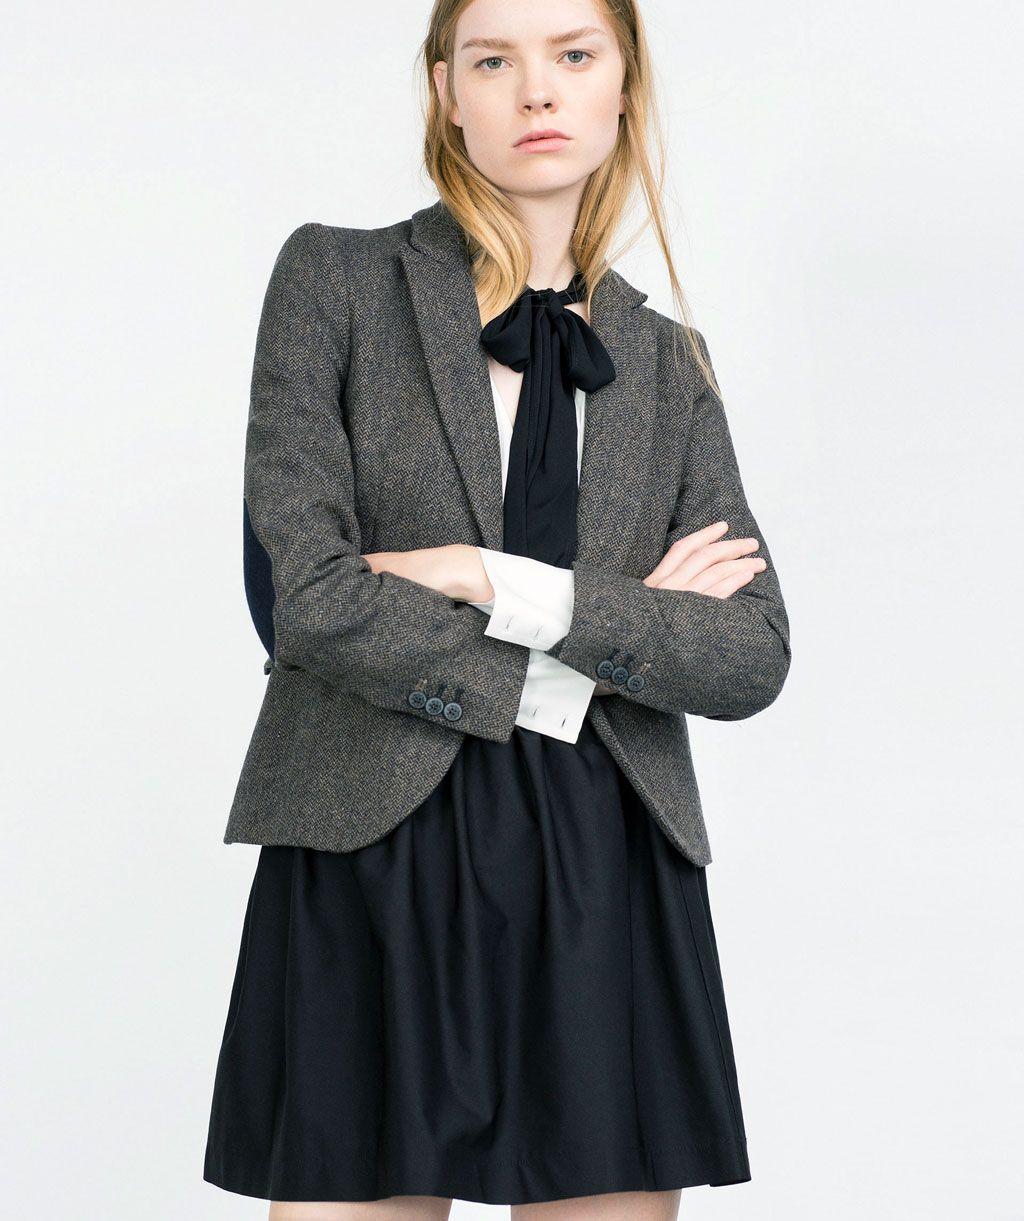 Zara Bayan Ceket Modelleri Http Www Modelleri Mobi Zara Bayan Ceket Modelleri Zara Trendler Yelek